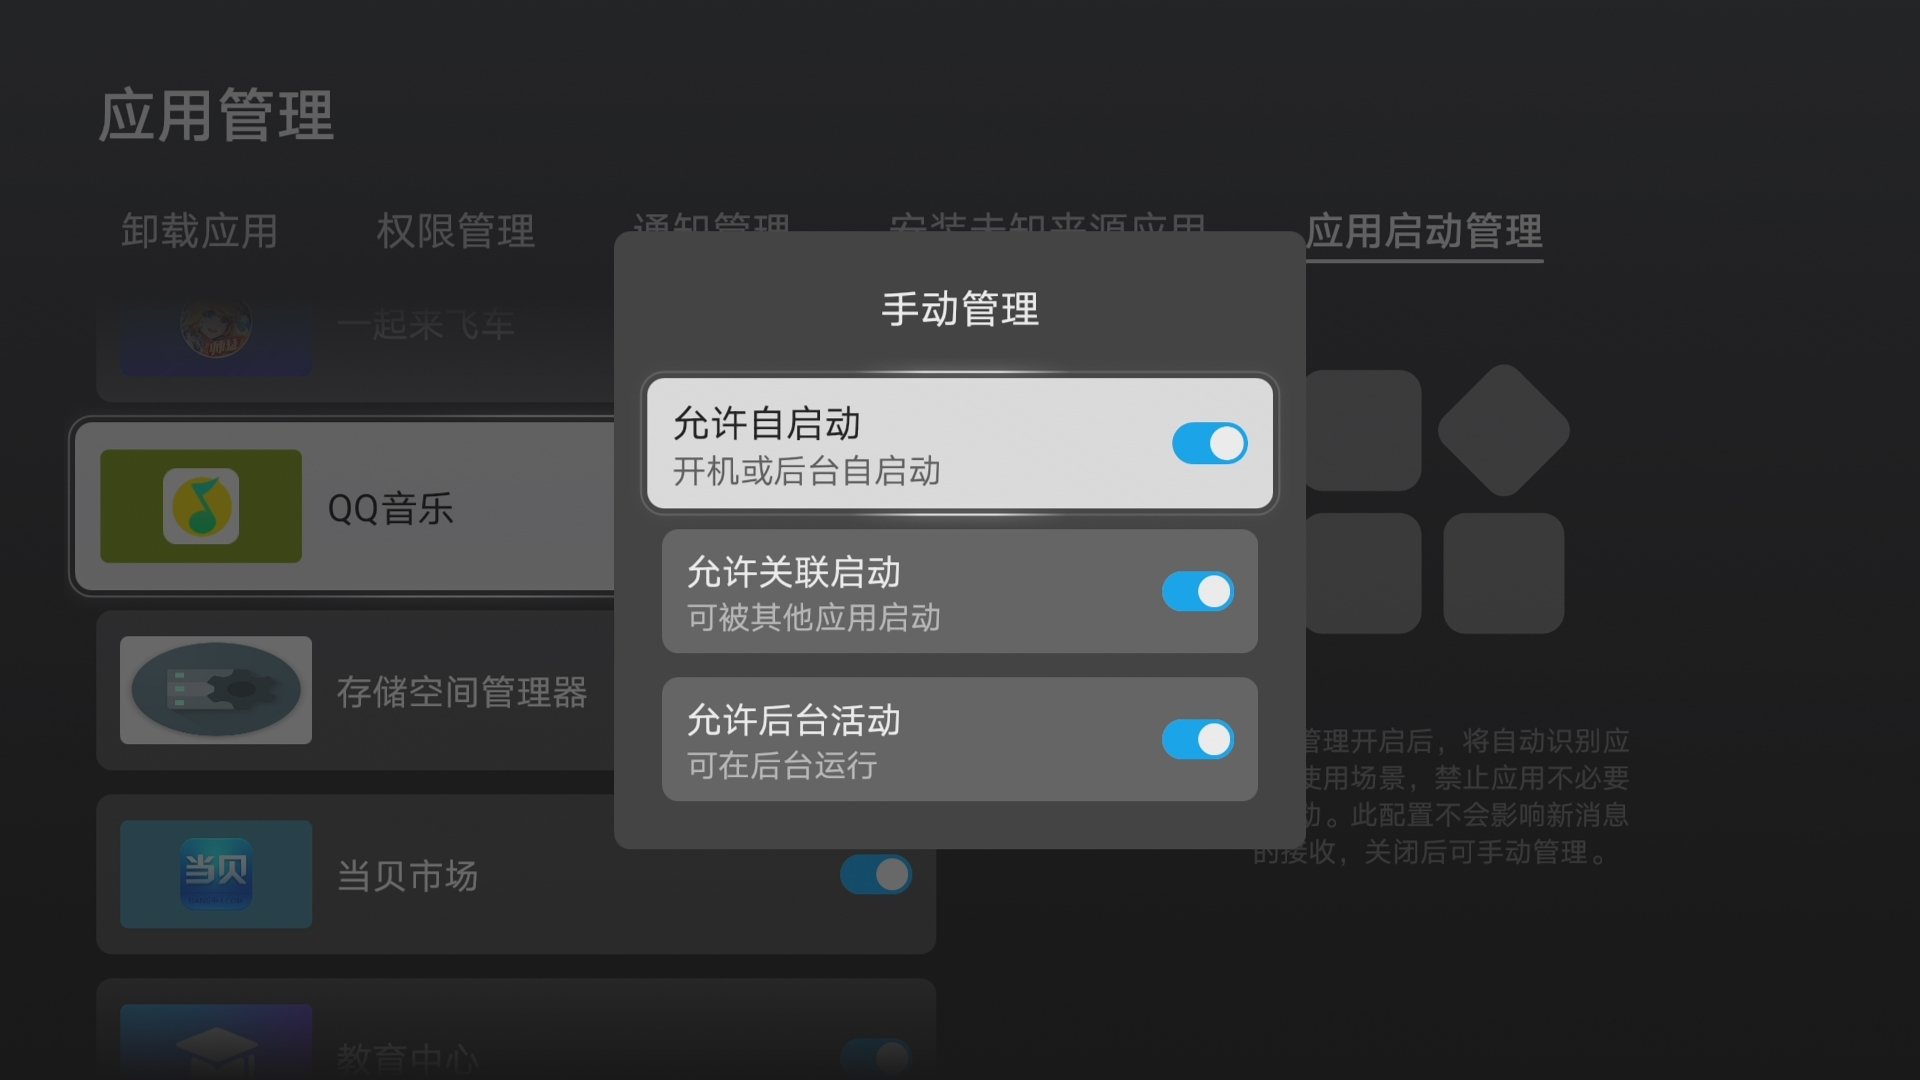 screenshot_20210202114816328.jpg